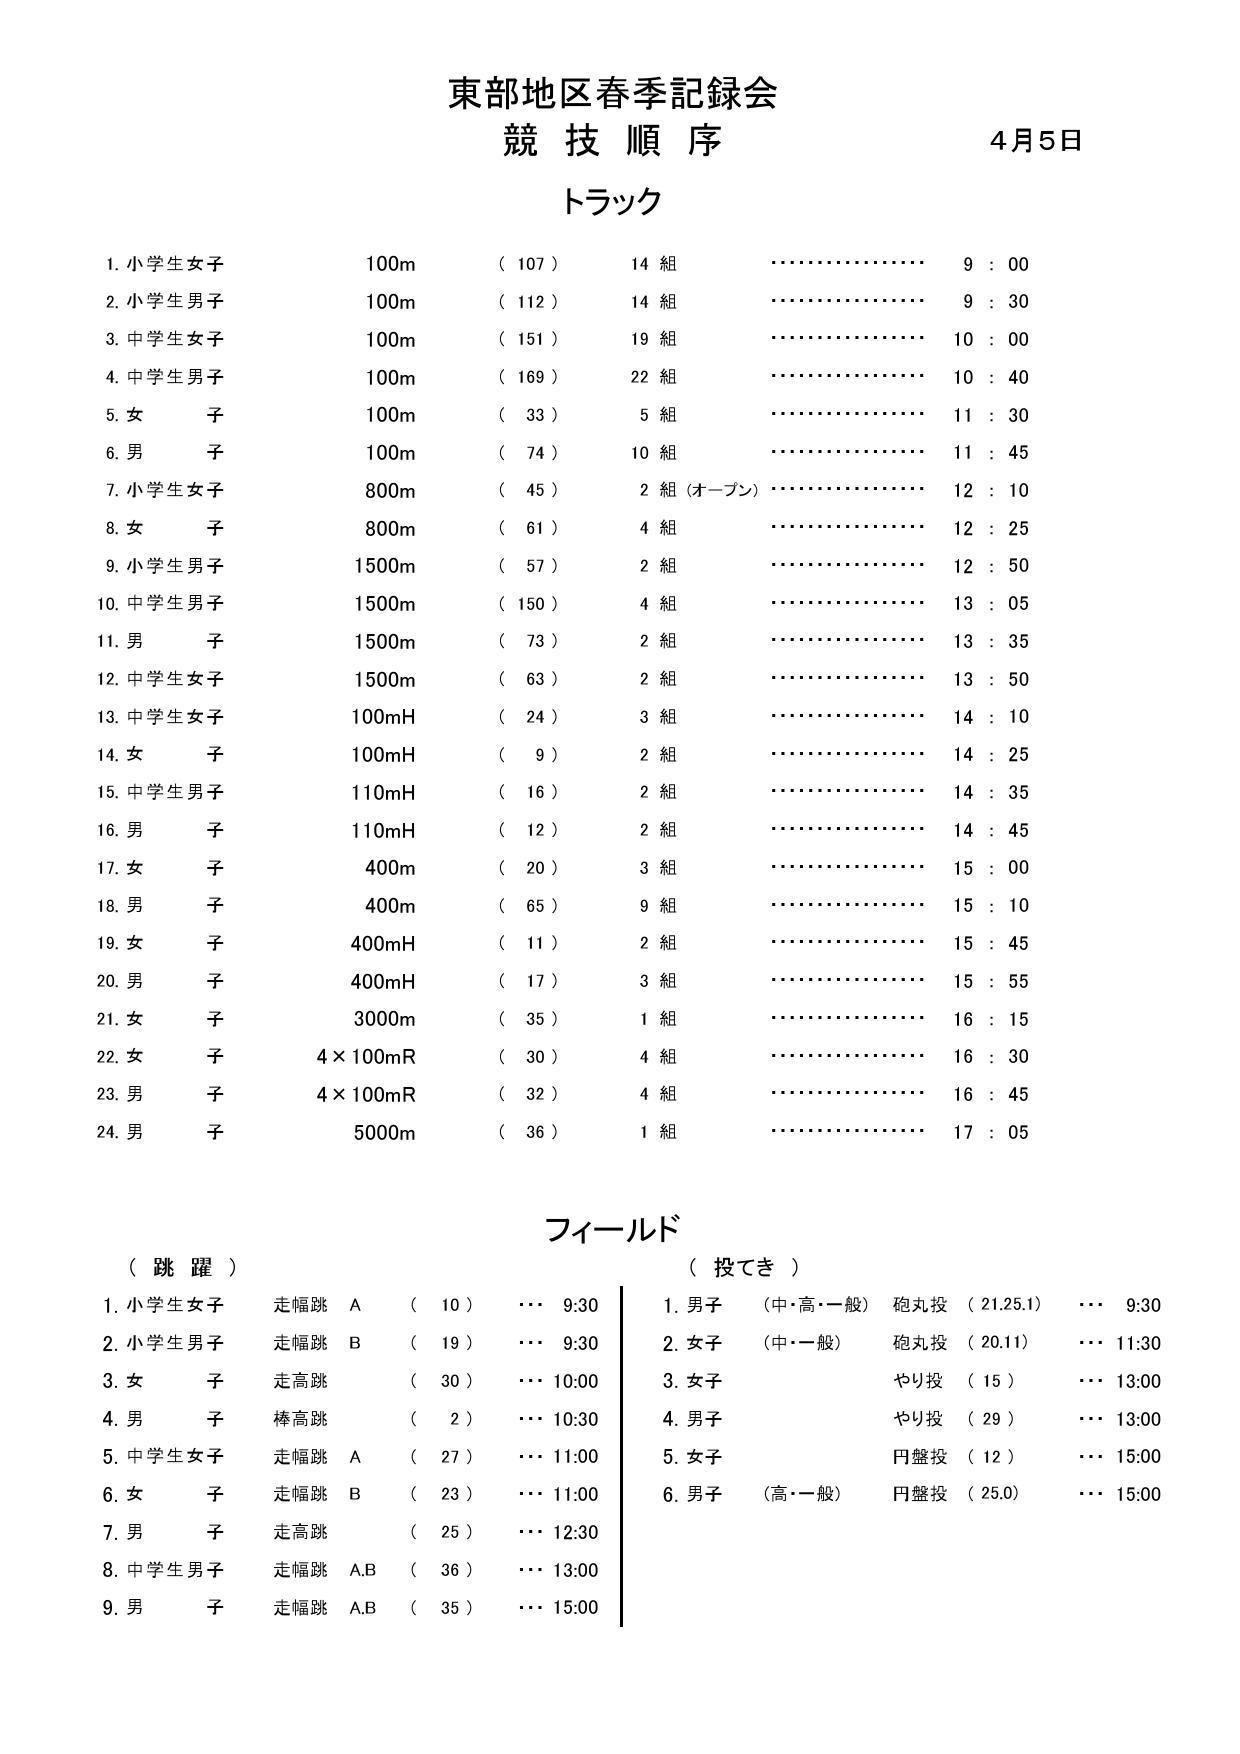 20150405syunnkitoubu TT